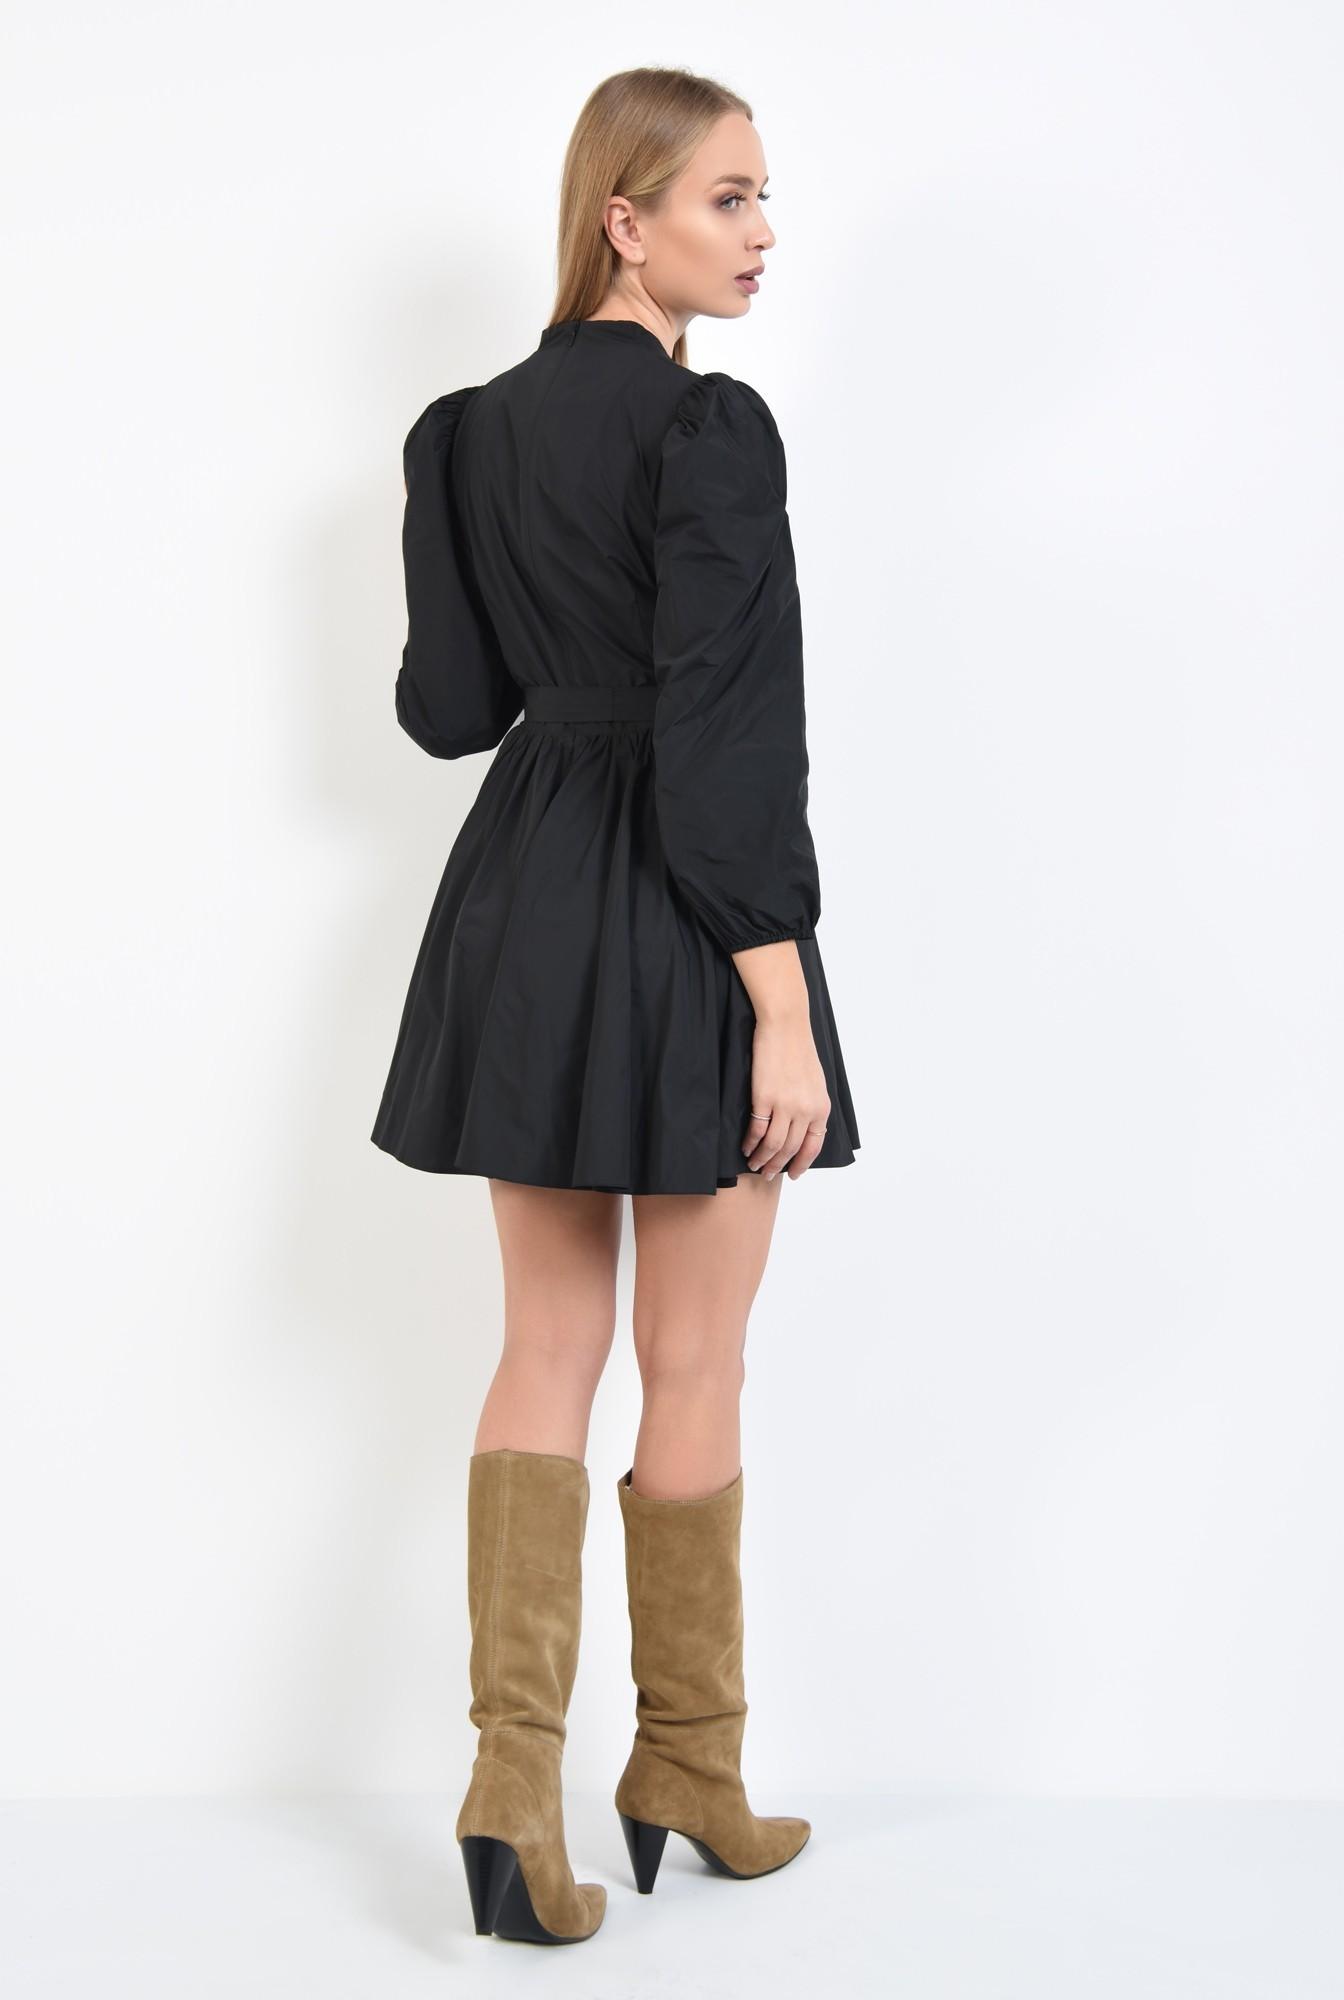 1 - rochie casual, neagra, scurta, maneci lungi bufante, funda la talie